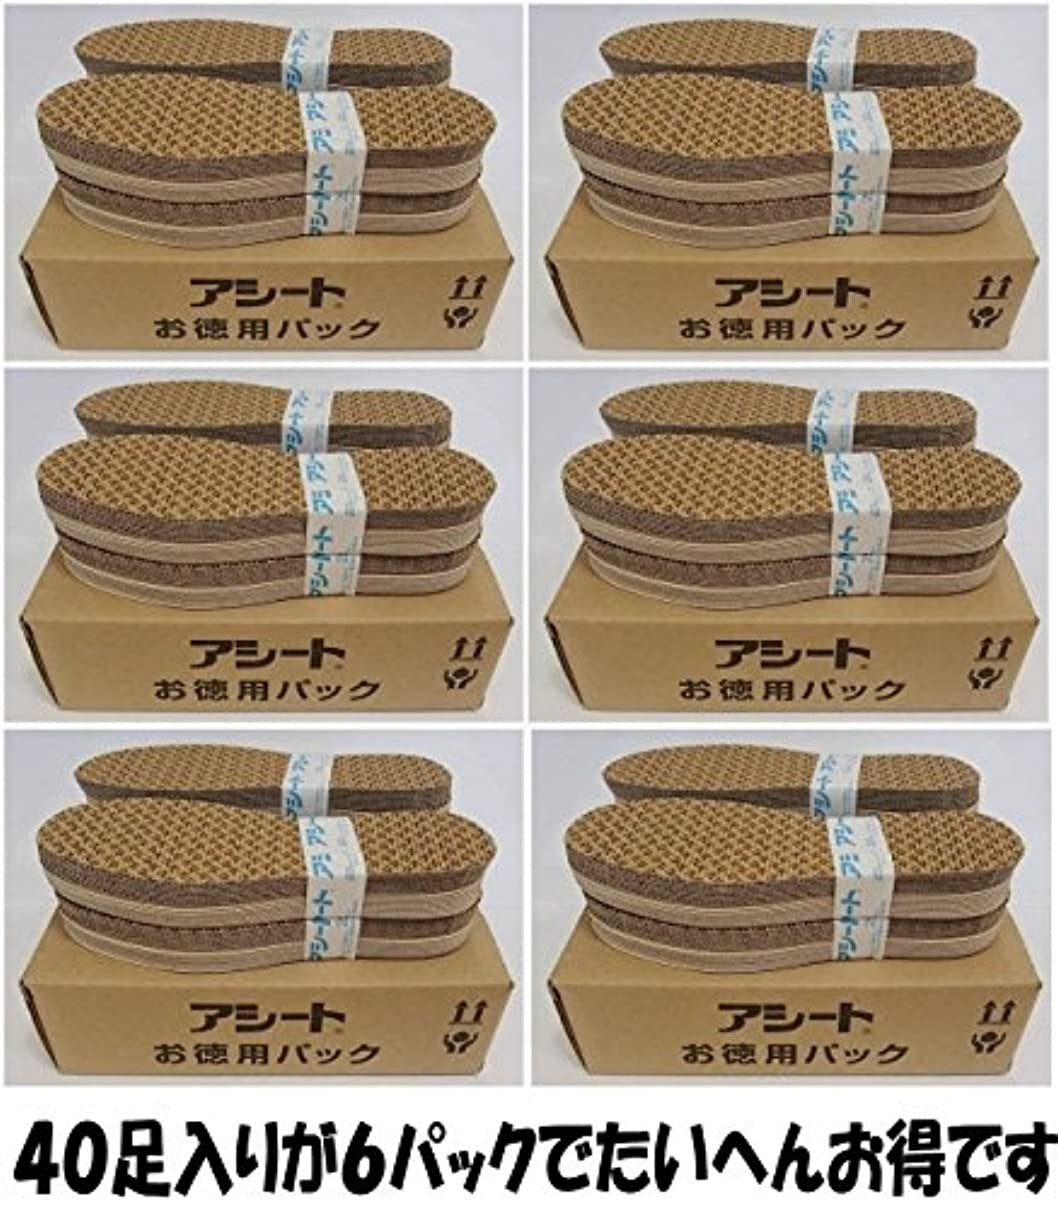 つかの間捧げる損なうアシートOタイプ40足入お徳用6パックの240足セット (26.5~27cm 男性靴用)